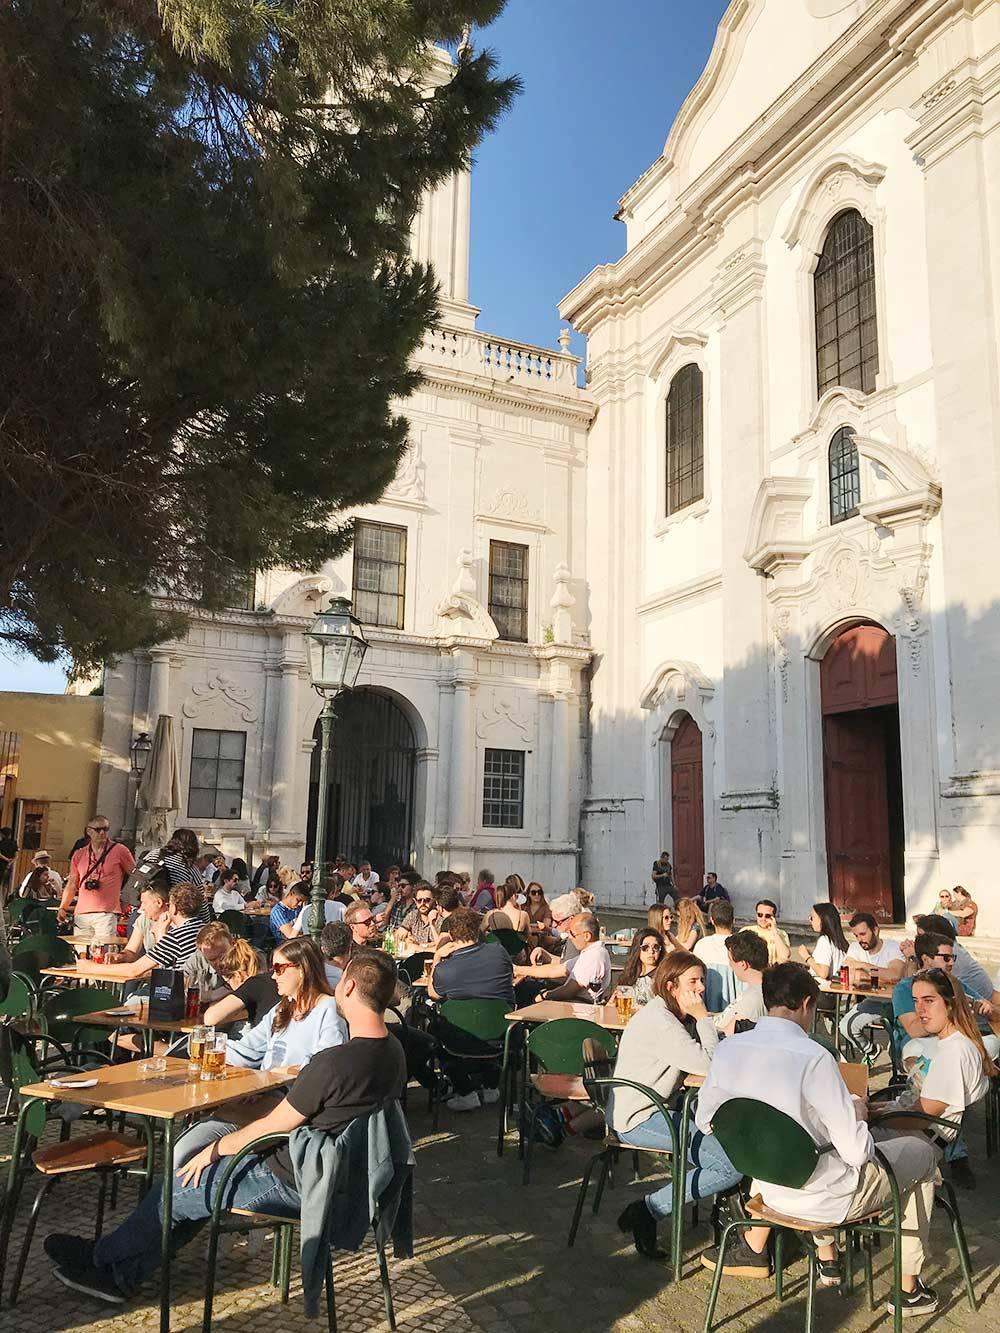 Типичный Лиссабон: церковь, площадь, кафе, прекрасная погода, все пьют пиво и общаются, а с другой стороны открывается великолепный вид на город с холма